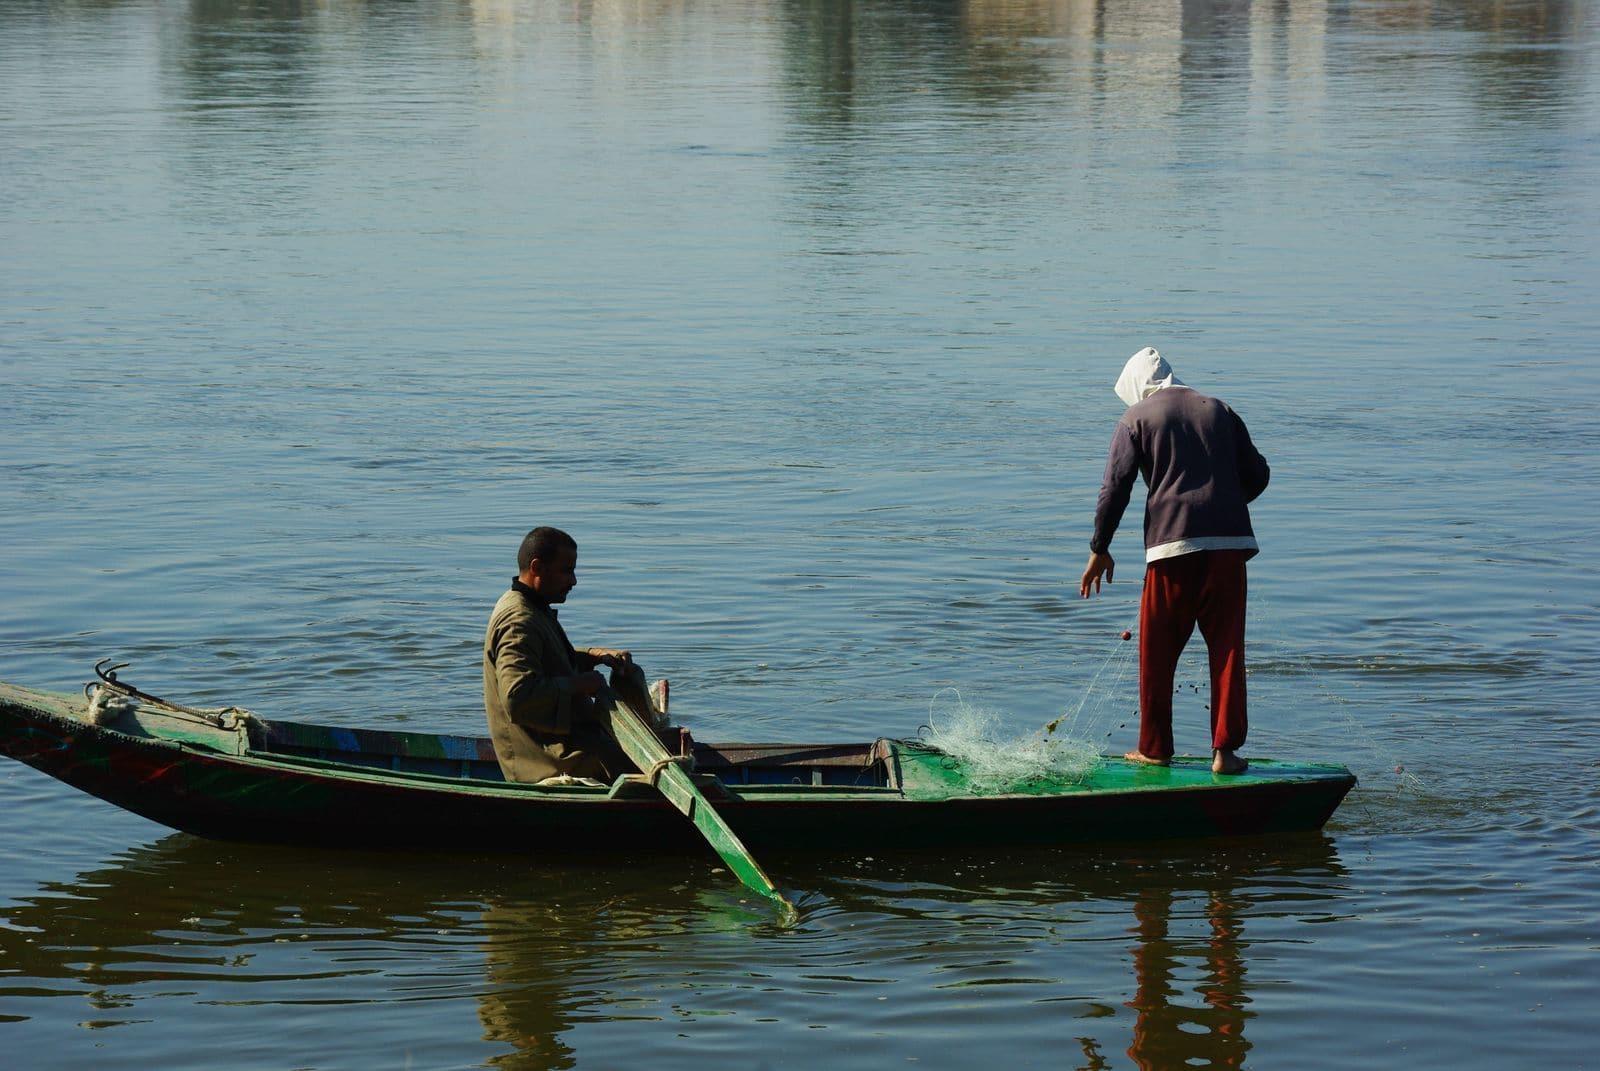 L'Egypte autrement: Scènes de la vie quotidienne en Égypte.